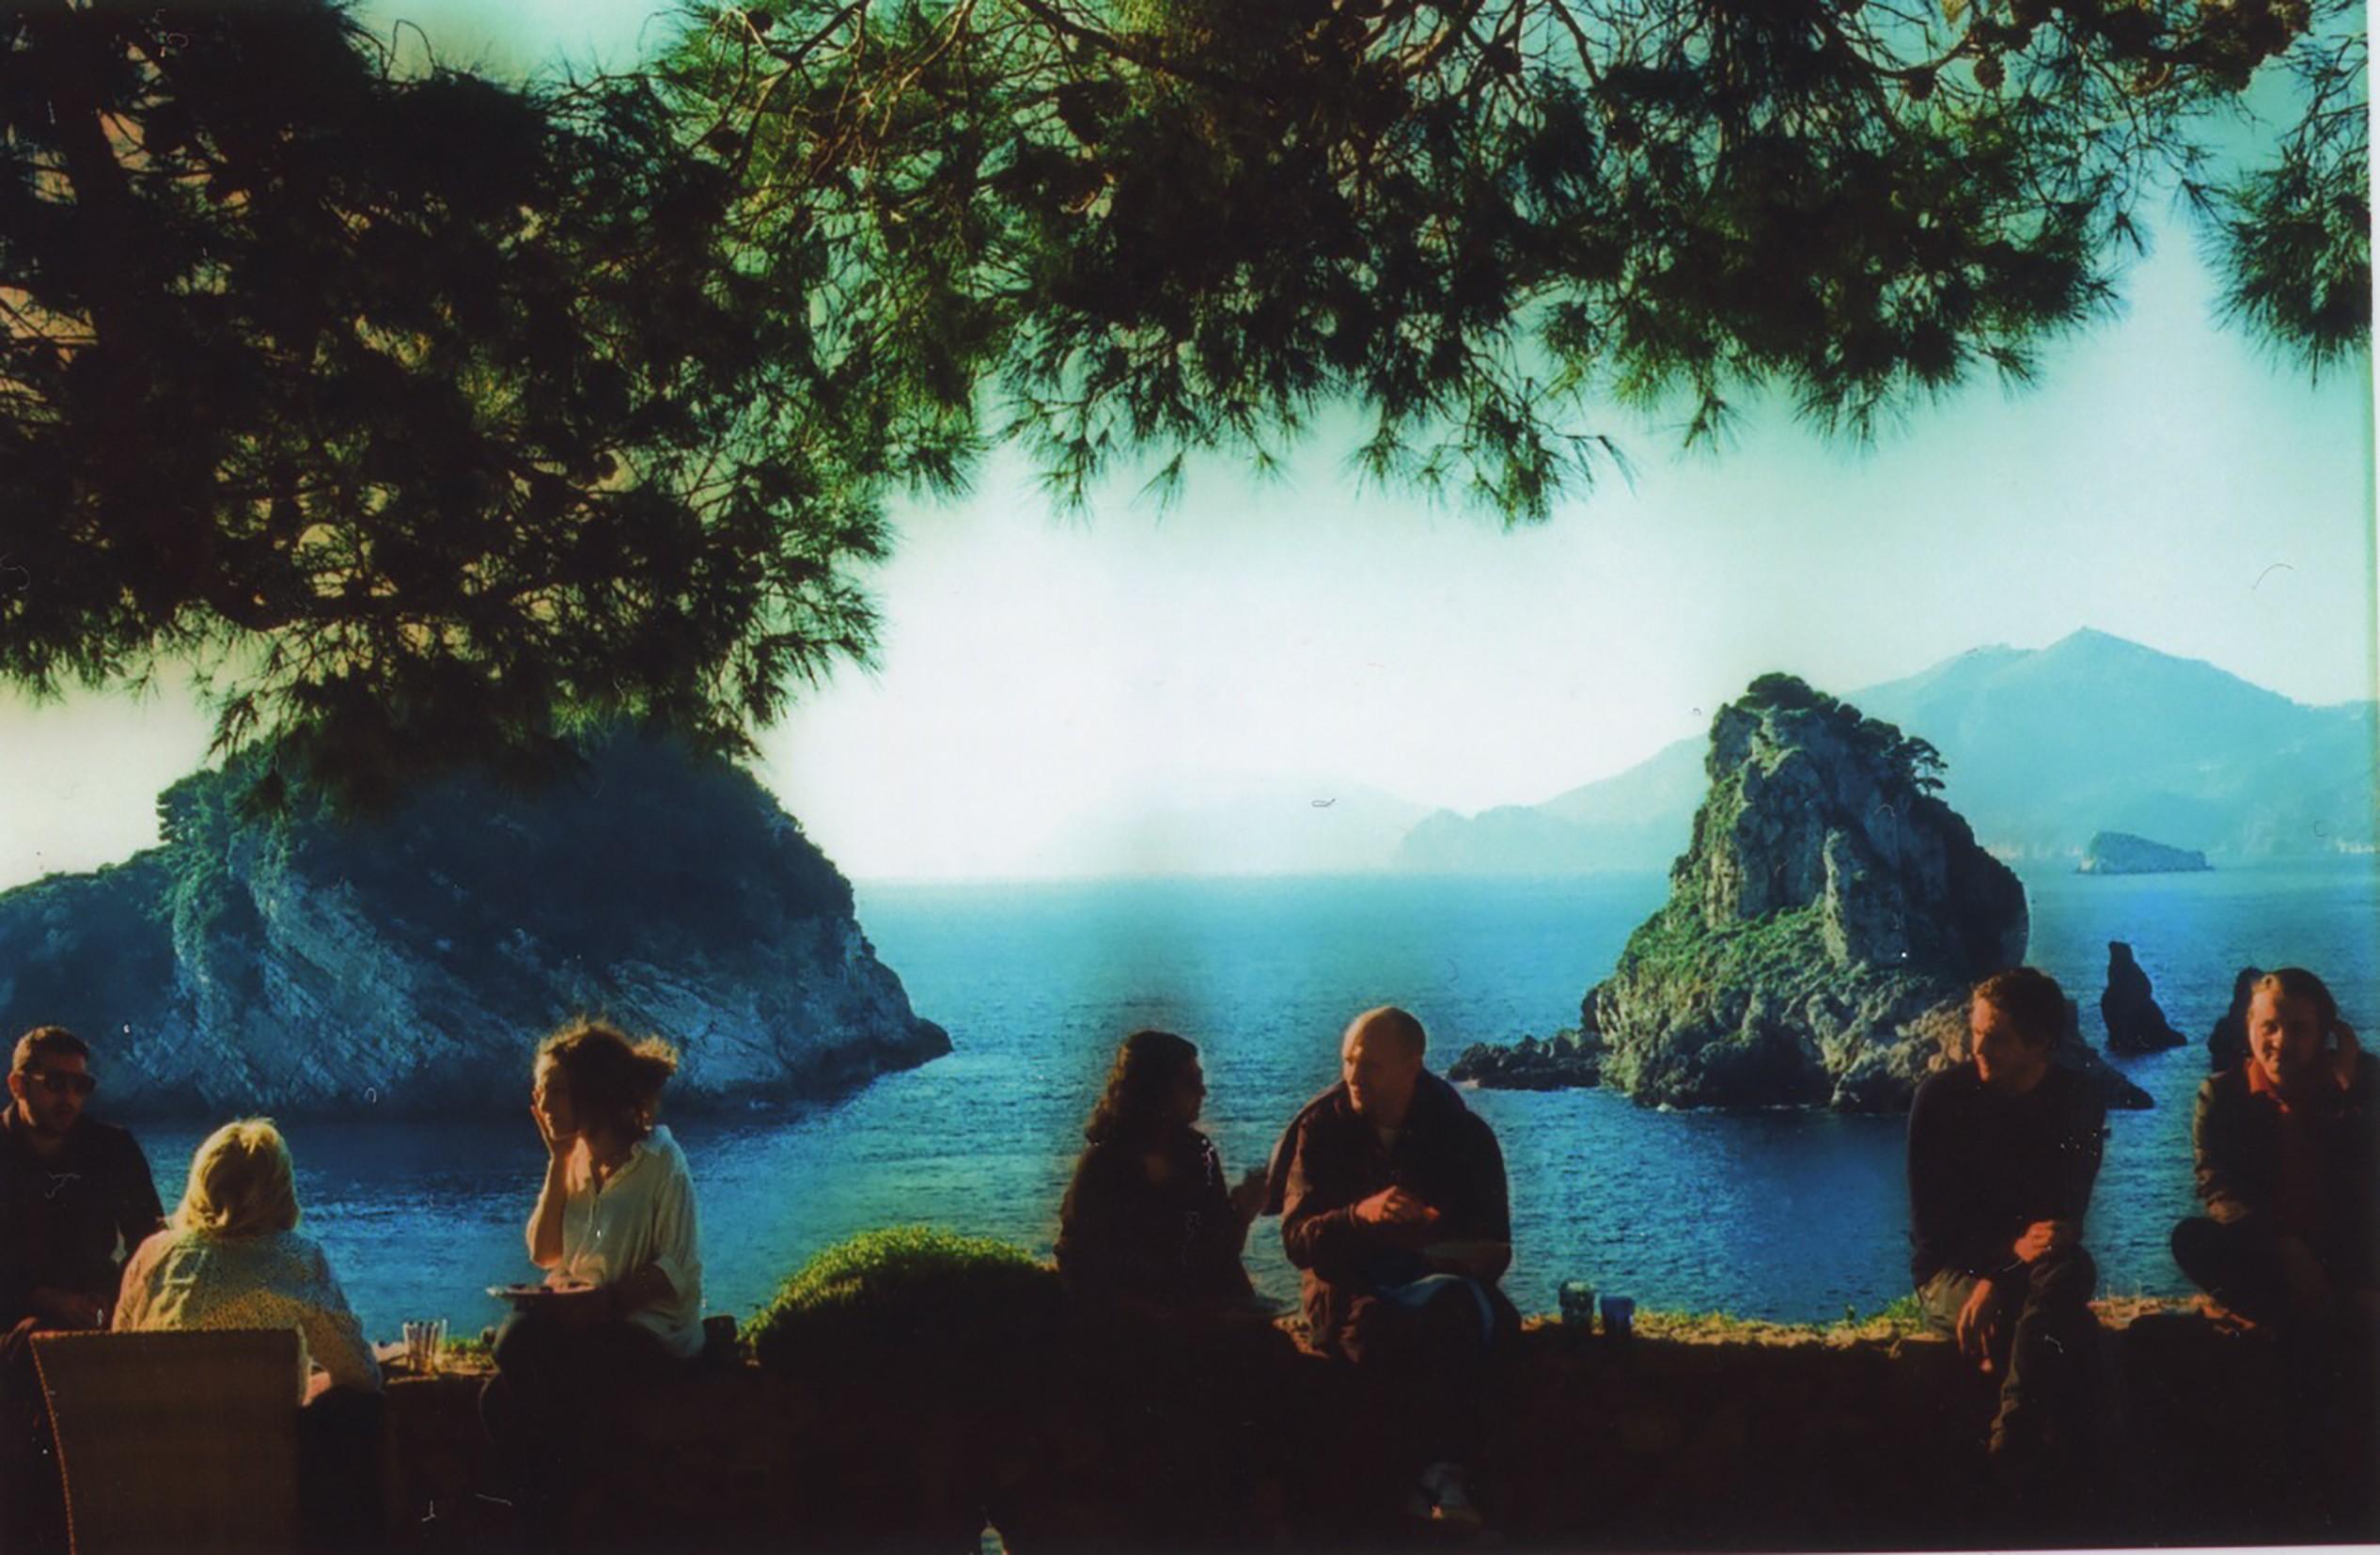 イタリアに世界一ファンタジーな島!?ガッリ諸島を見に行こう!